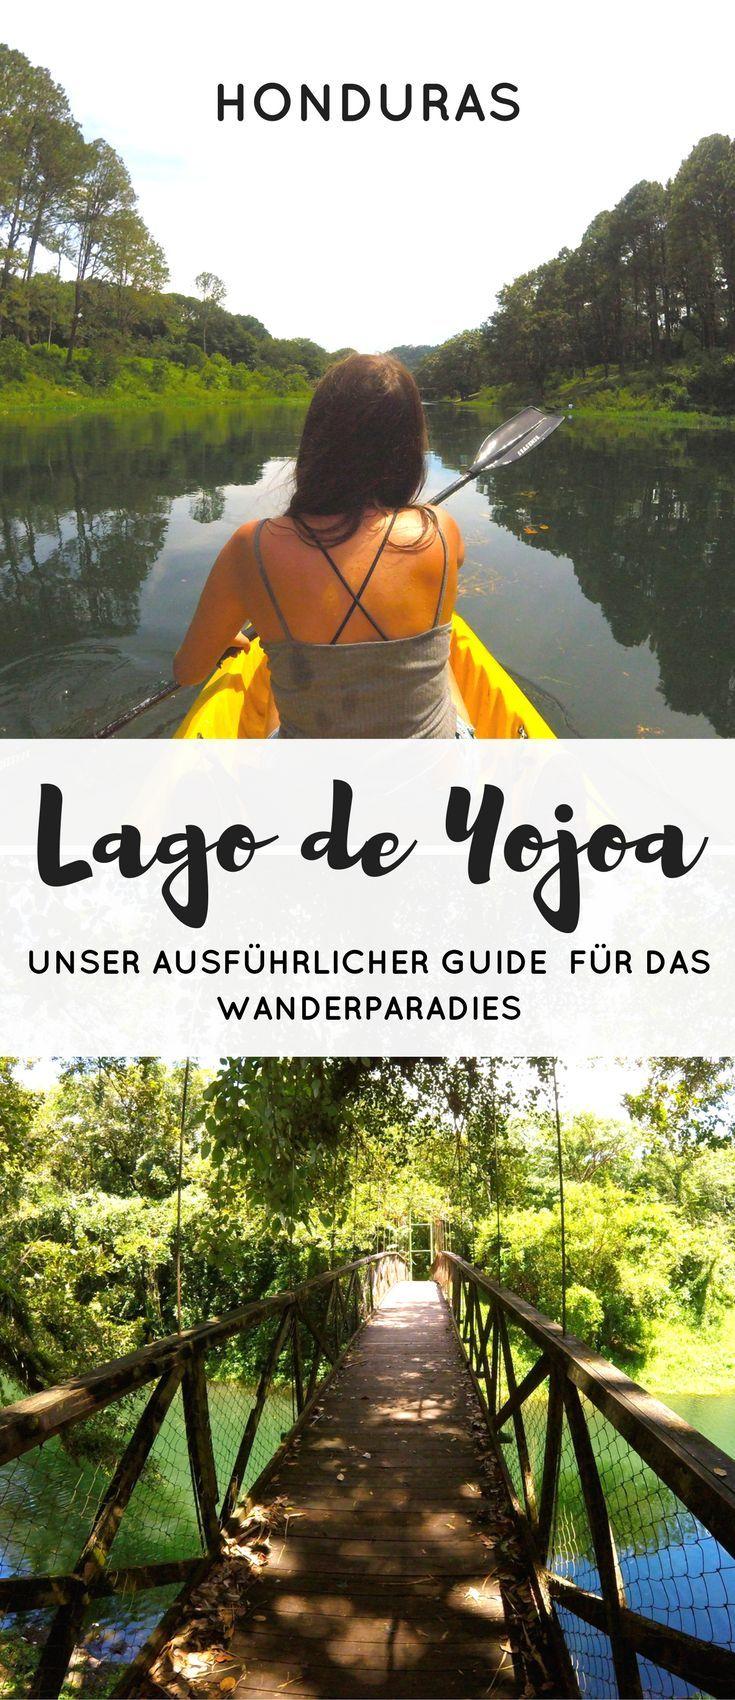 Reisen in Honduras: Unser Geheimtipp ist der Lago de Yojoa im Herzen des Landes zwischen Tegucigalpa und San Pedro Sula. Mitten im Dschungel und umgeben von sagenhaften Wanderwegen. Um seine Sicherheit muss man sich hier auch nicht sorgen, denn der Lago de Yojoa ist eine der sichersten Gegenden in ganz Zentralamerika. Wir sind begeistert von dieser off the path location und der am See liegenden Brauerei mit Craft Beer! #reisen #urlaub #reisebericht #backpacking #honduras